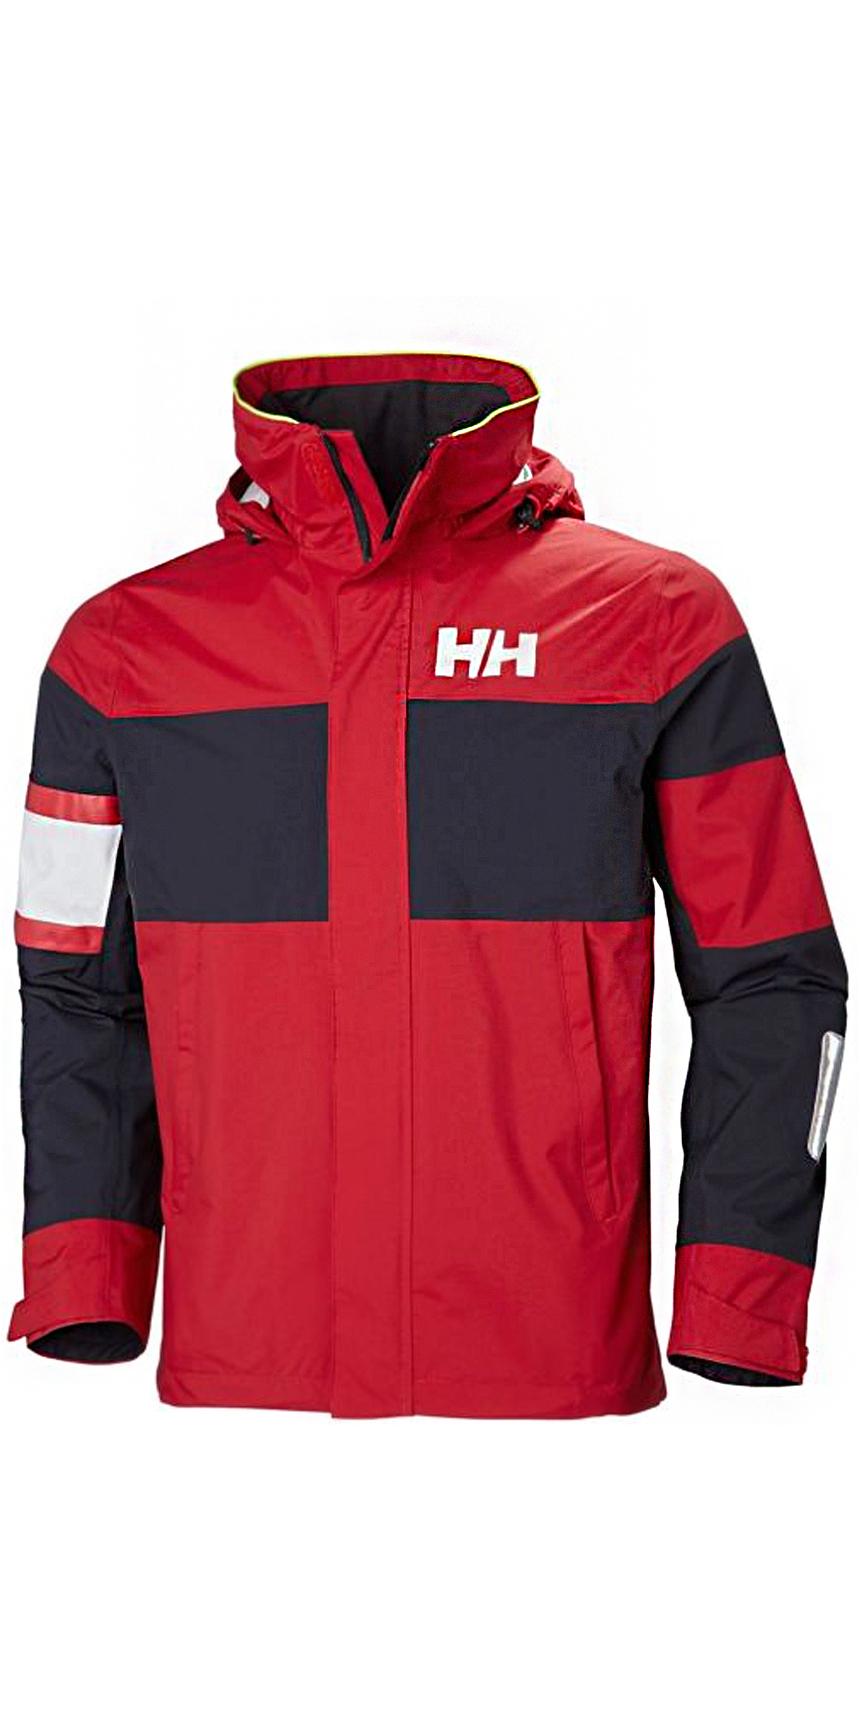 stabil kvalitet rabatt handla bästsäljare 2019 Helly Hansen Salt Light Jacket Alert Red 33911 - Helly Hansen ...